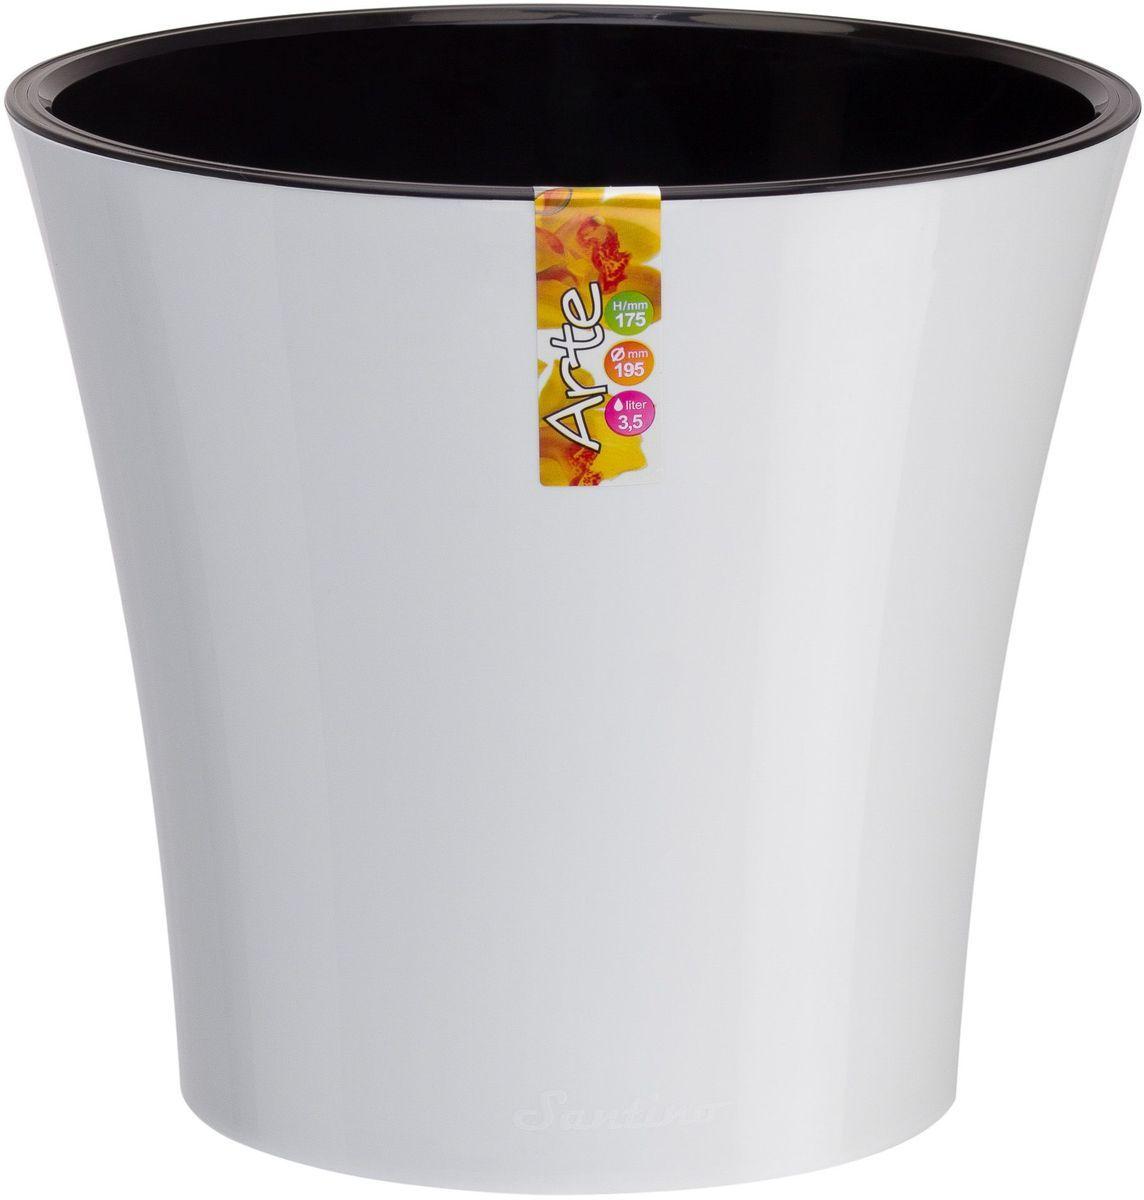 Горшок цветочный Santino Арте, двойной, с системой автополива, цвет: белый, черный, 5 лING50020ВНГГоршок цветочный Santino Арте снабжен дренажной системой и состоит из кашпо и вазона-вкладыша. Изготовлен из пластика.Особенность: тарелочка или блюдце не нужны.Горшок предназначен для любых растений или цветов.Цветочный дренаж – это система, которая позволяет выводить лишнюю влагу через корневую систему цветка и слой почвы. Растение – это живой организм, следовательно, ему необходимо дышать. В доступе к кислороду нуждаются все части растения:-листья;-корневая система.Если цветовод по какой-либо причине зальет цветок водой, то она буквально вытеснит из почвенного слоя все пузырьки кислорода. Анаэробная среда способствует развитию различного рода бактерий. Безвоздушная среда приводит к загниванию корневой системы, цветок в результате увядает.Суть работы дренажной системы заключается в том, чтобы осуществлять отвод лишней влаги от растения и давать возможность корневой системе дышать без проблем. Следовательно, каждому цветку необходимо:-иметь в основании цветочного горшочка хотя бы одно небольшое дренажное отверстие. Оно необходимо для того, чтобы через него выходила лишняя вода, плюс ко всему это отверстие дает возможность циркулировать воздух.-на самом дне горшка необходимо выложить слоем в 2-5 см (зависит от вида растения) дренаж.УВАЖАЕМЫЕ КЛИЕНТЫ!Обращаем ваше внимание на тот факт, что фото изделия служит для визуального восприятия товара. Литраж и размеры, представленные на этикетке товара, могут по факту отличаться от реальных. Корректные данные в поле Размеры.